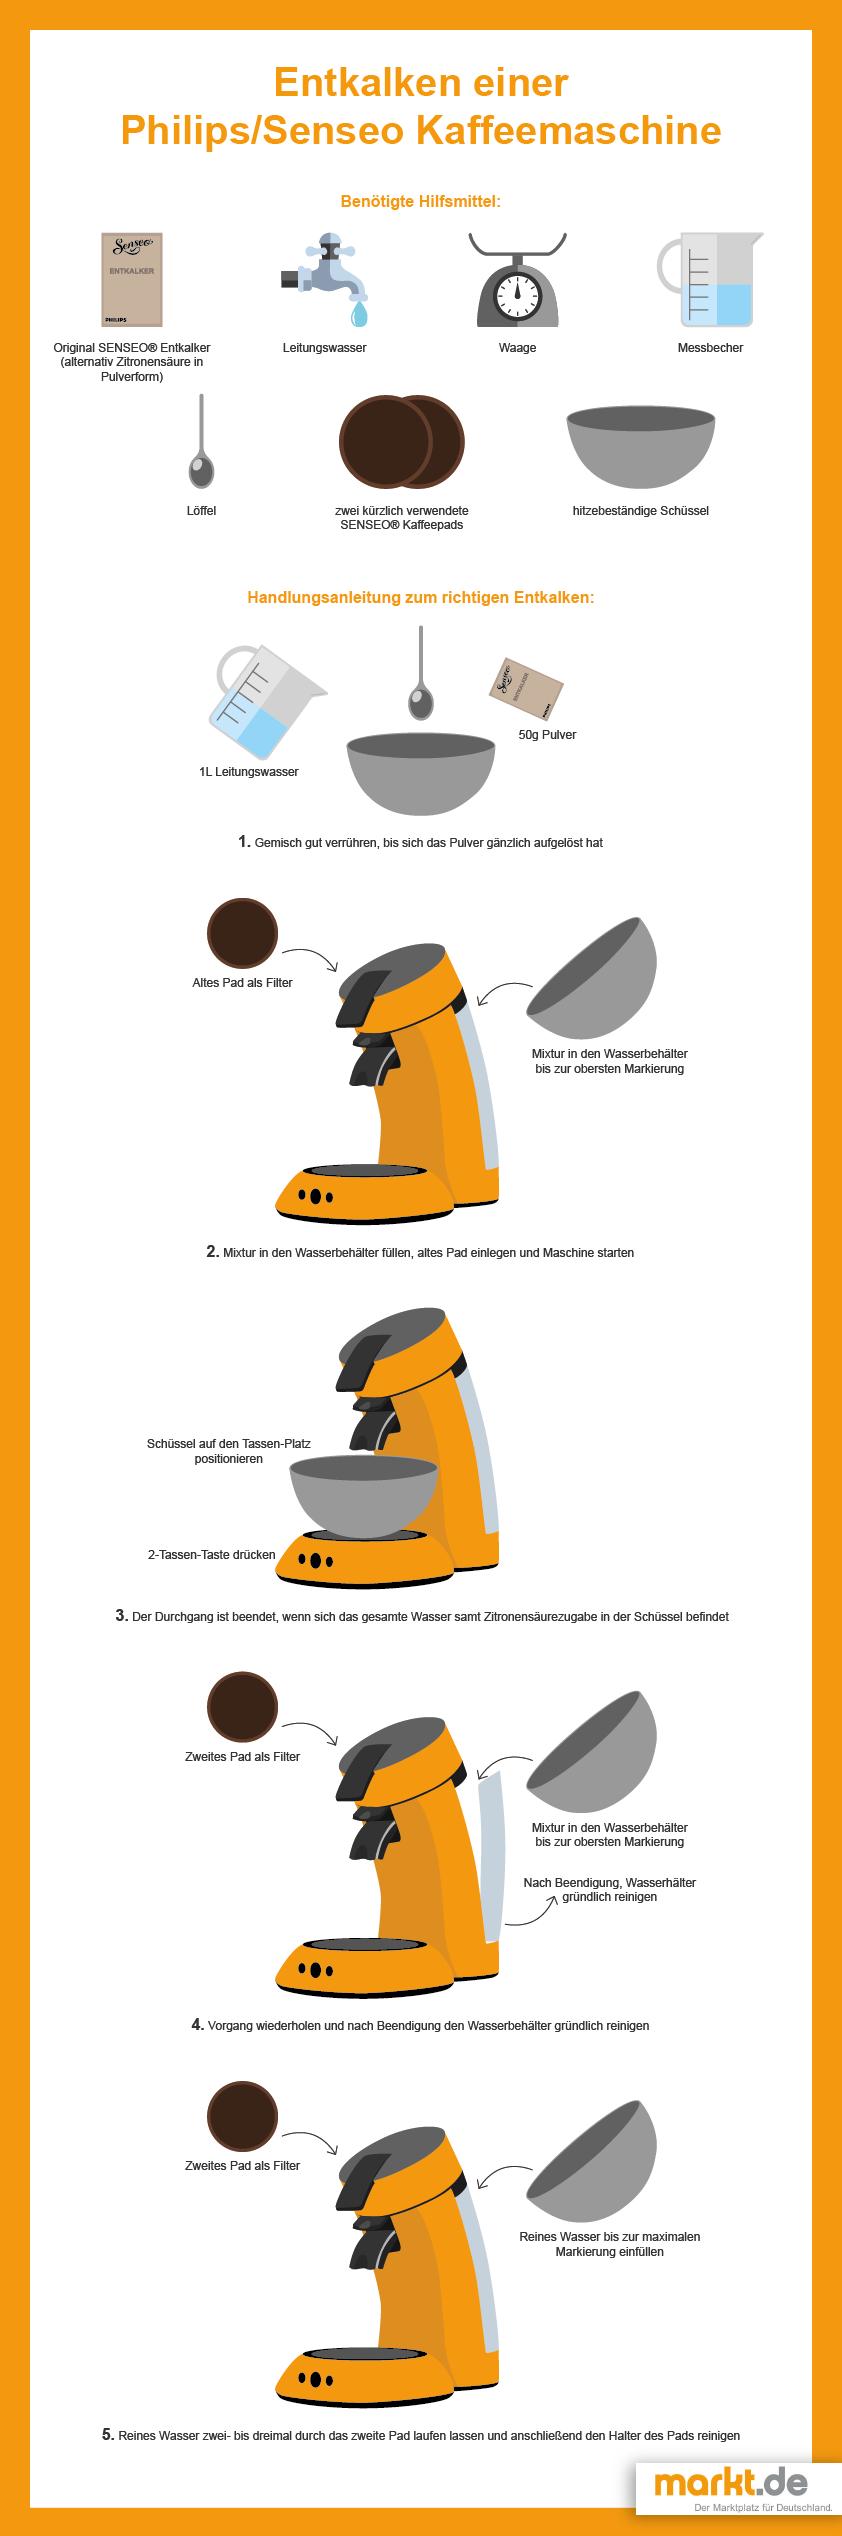 Entkalkung Philips Senseo Kaffeemaschine Marktde